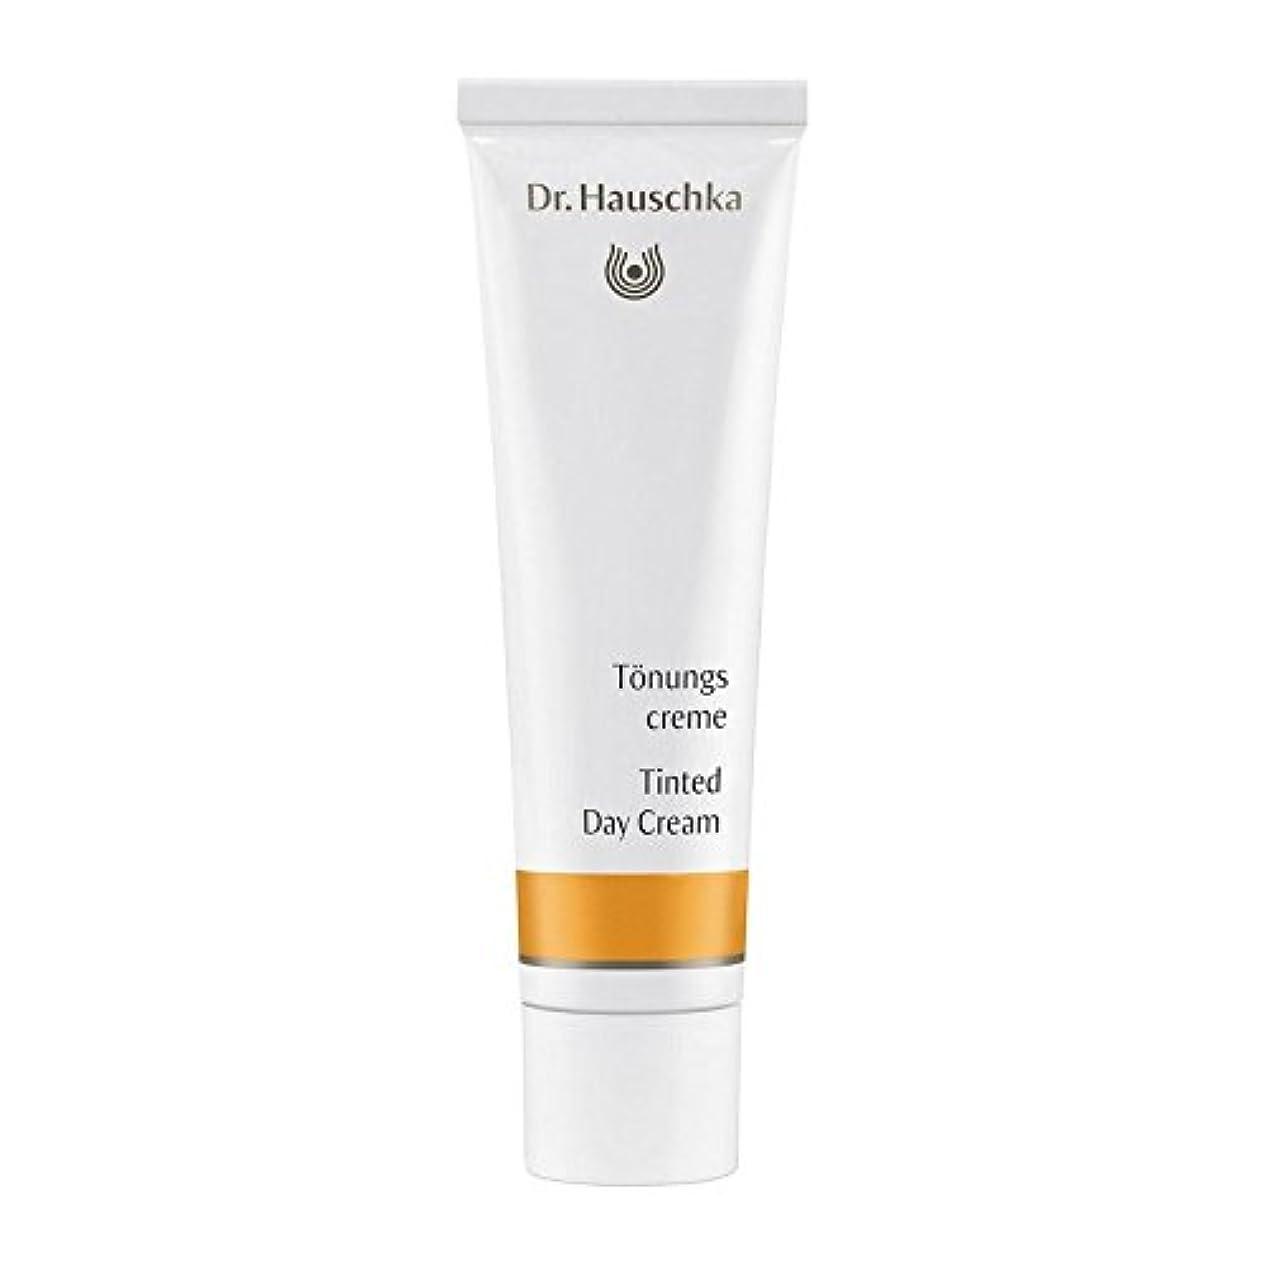 忌避剤感性縮約ハウシュカ着色デイクリーム30 x2 - Dr. Hauschka Tinted Day Cream 30ml (Pack of 2) [並行輸入品]